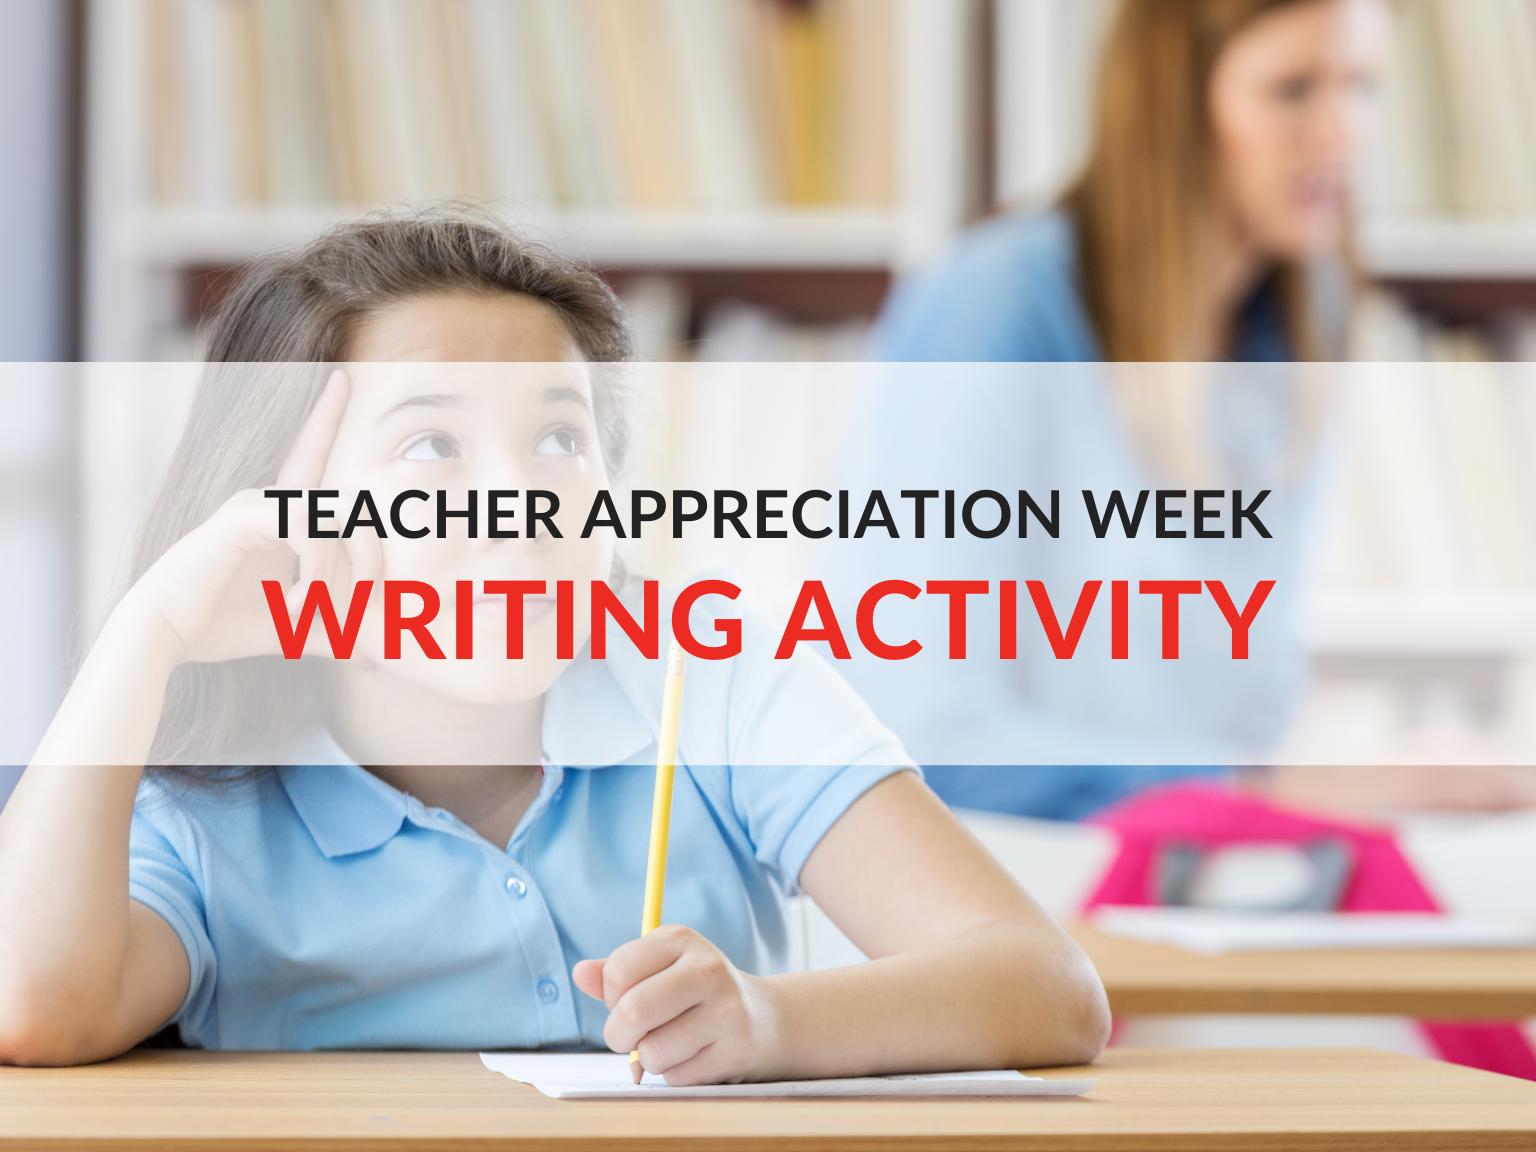 2021-teacher-appreciation-week-writing activity